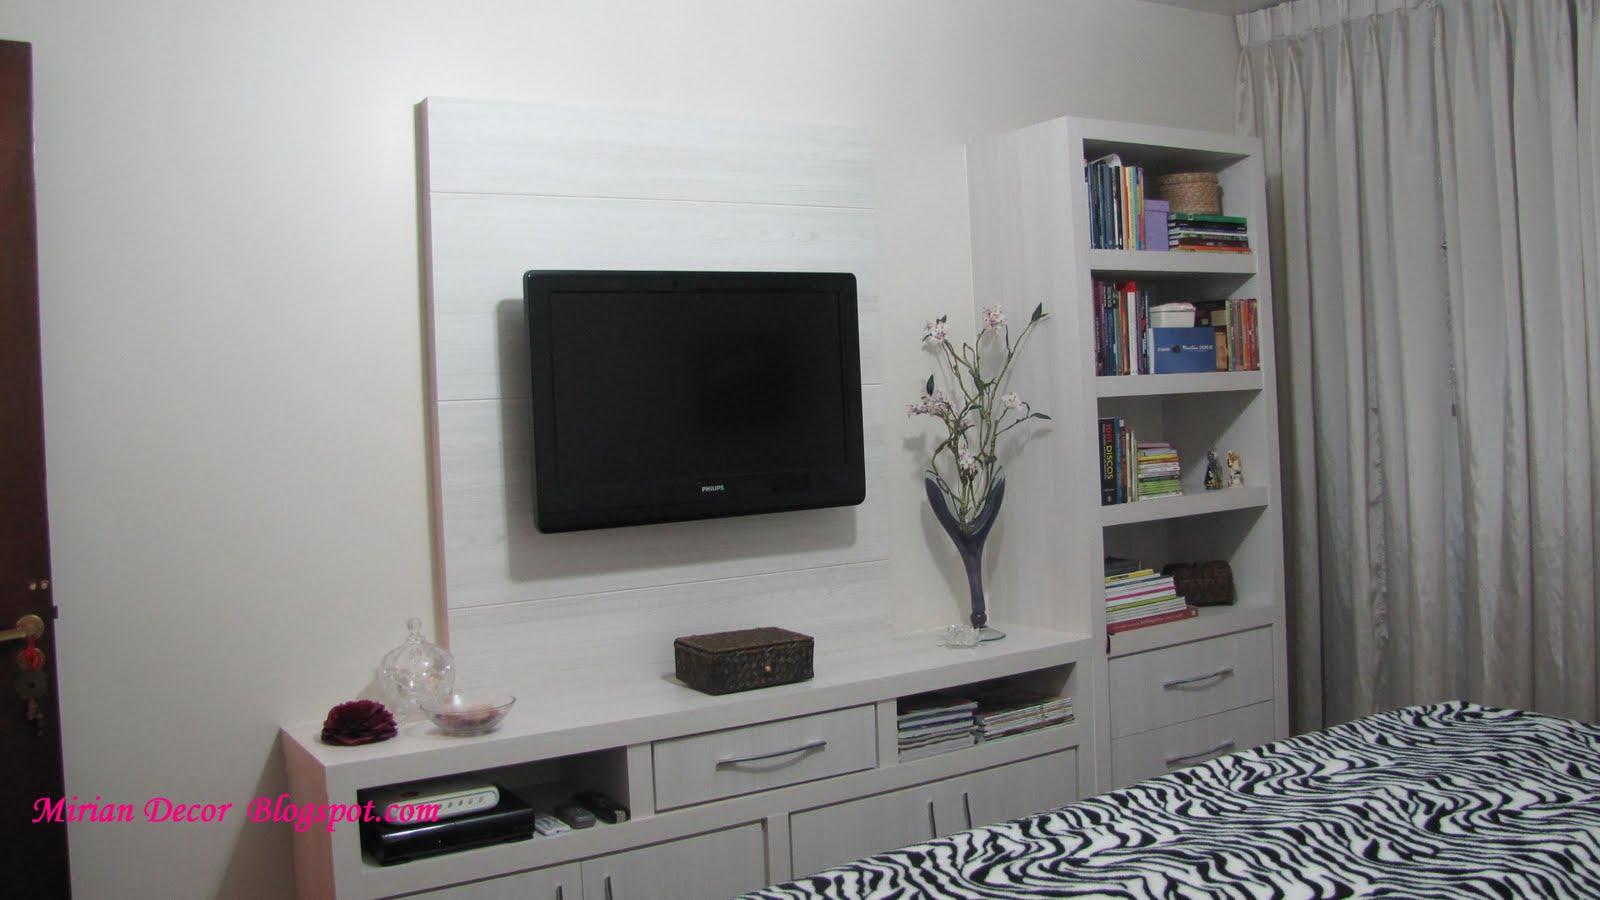 Esse é um projeto meu executado em meu quarto. #744961 1600x900